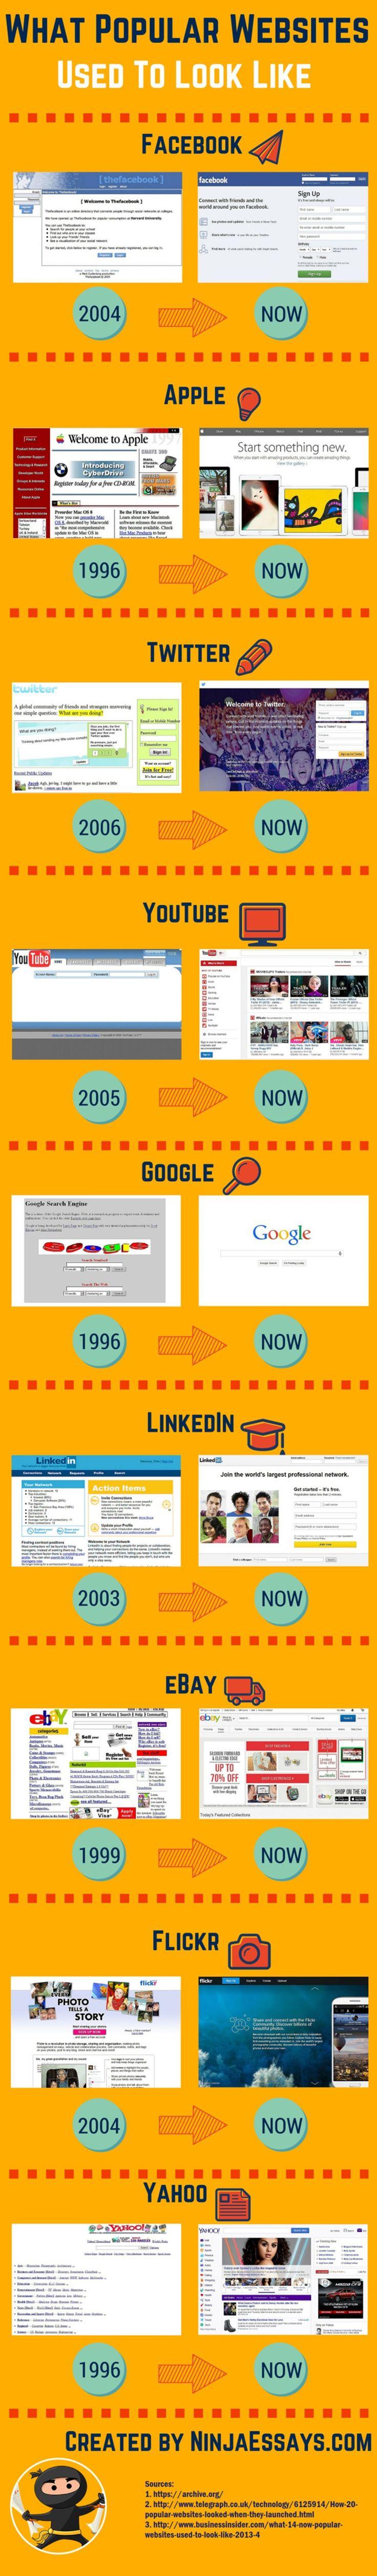 Como era o layout antes e depois de populares social medias?